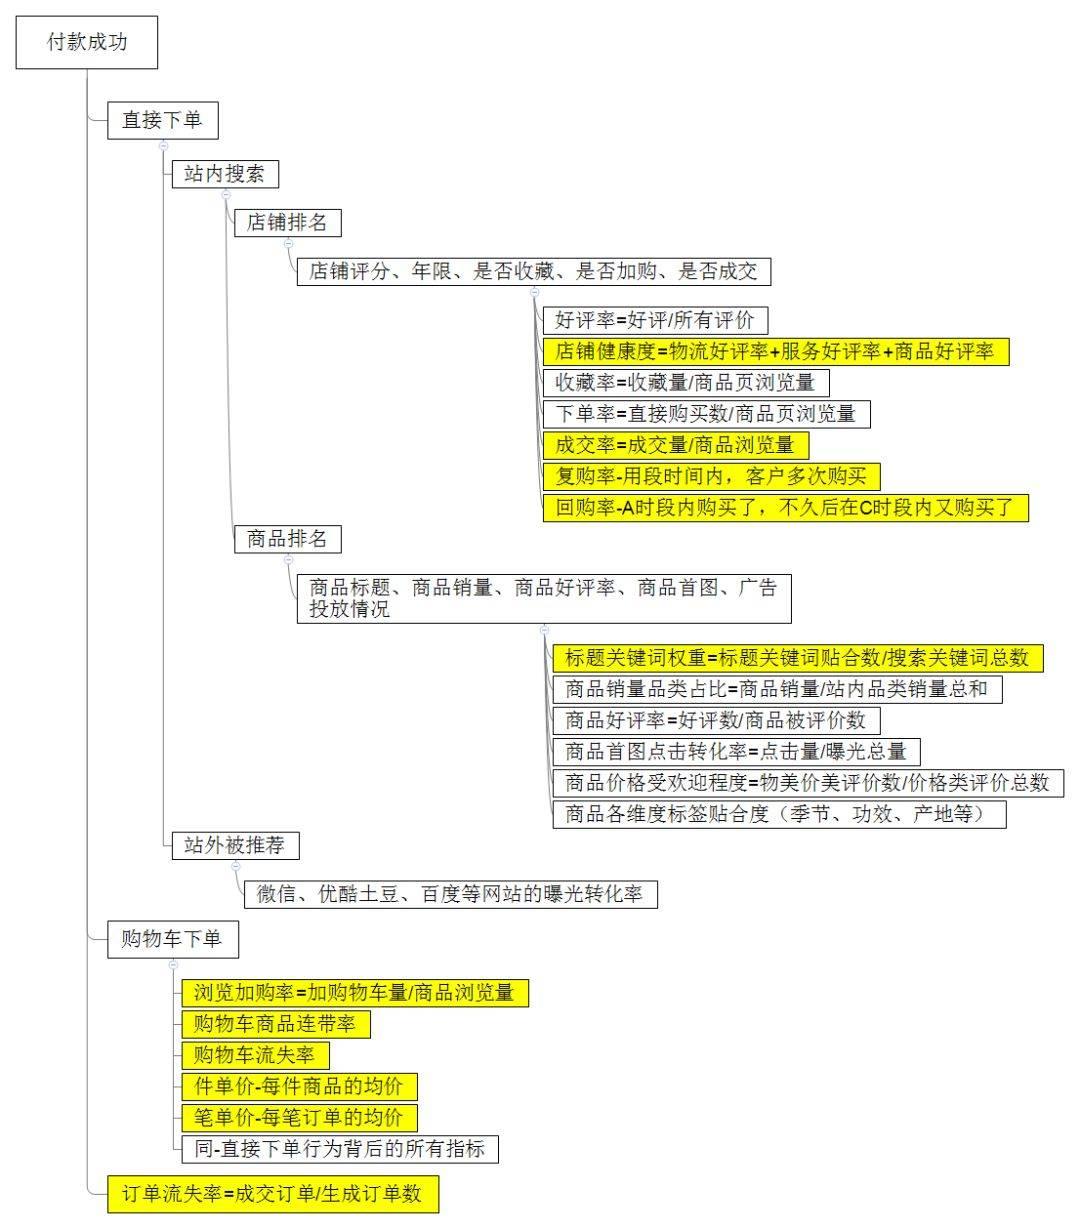 鸟哥笔记,数据运营,Eric王亮,数据分析,数据驱动,案例分析